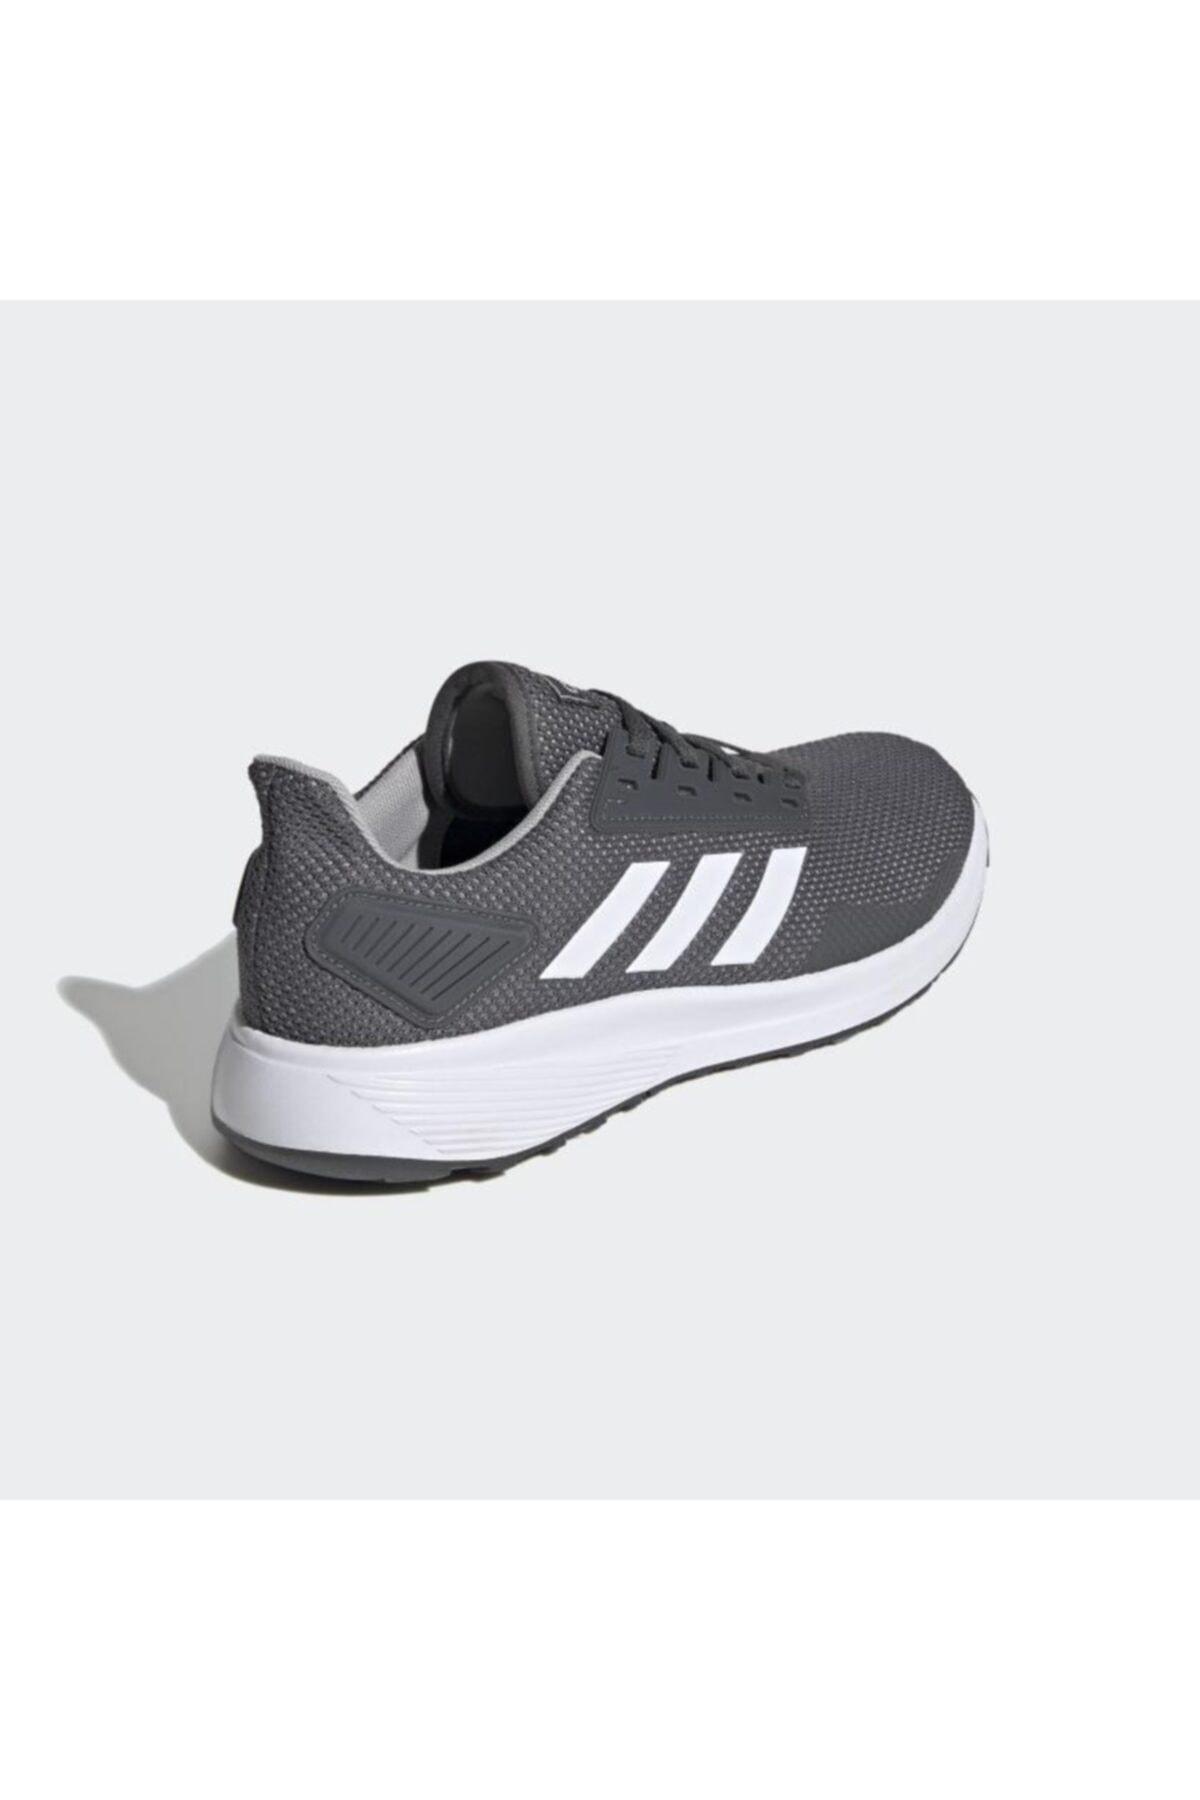 adidas Eg3004 Duramo 9 Erkek Koşu Ayakkabı 2